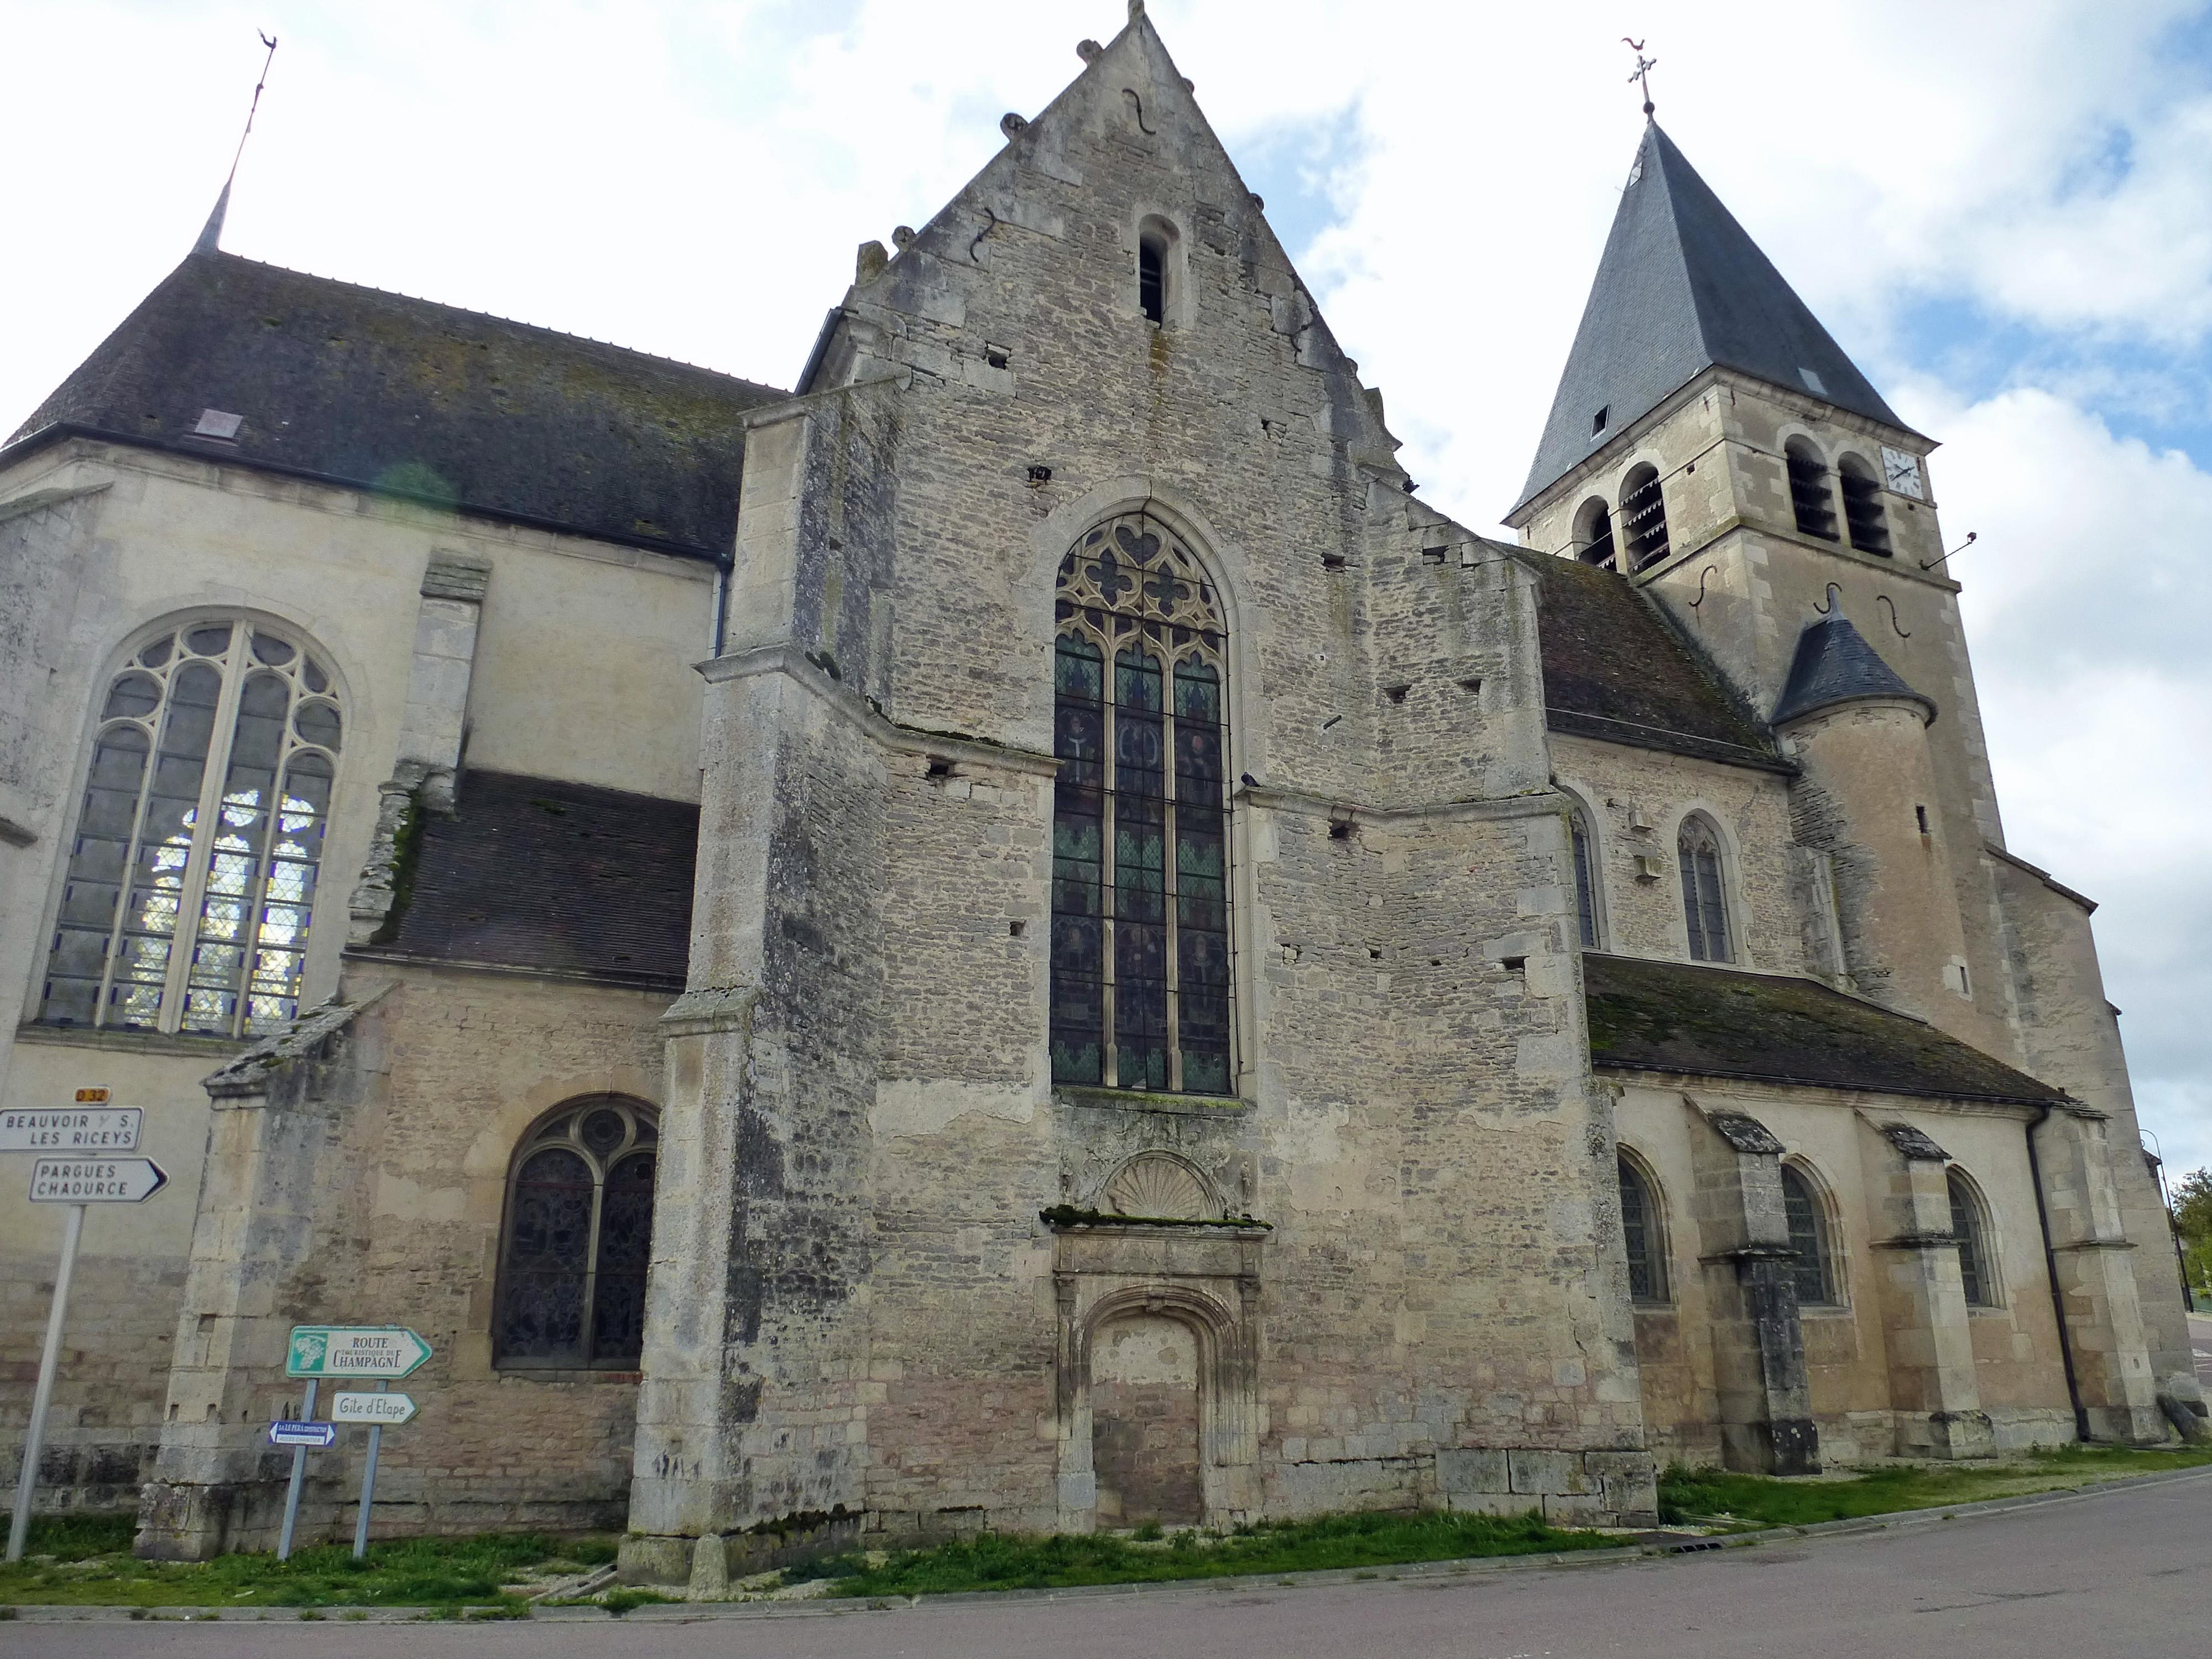 Bagneux-la-Fosse